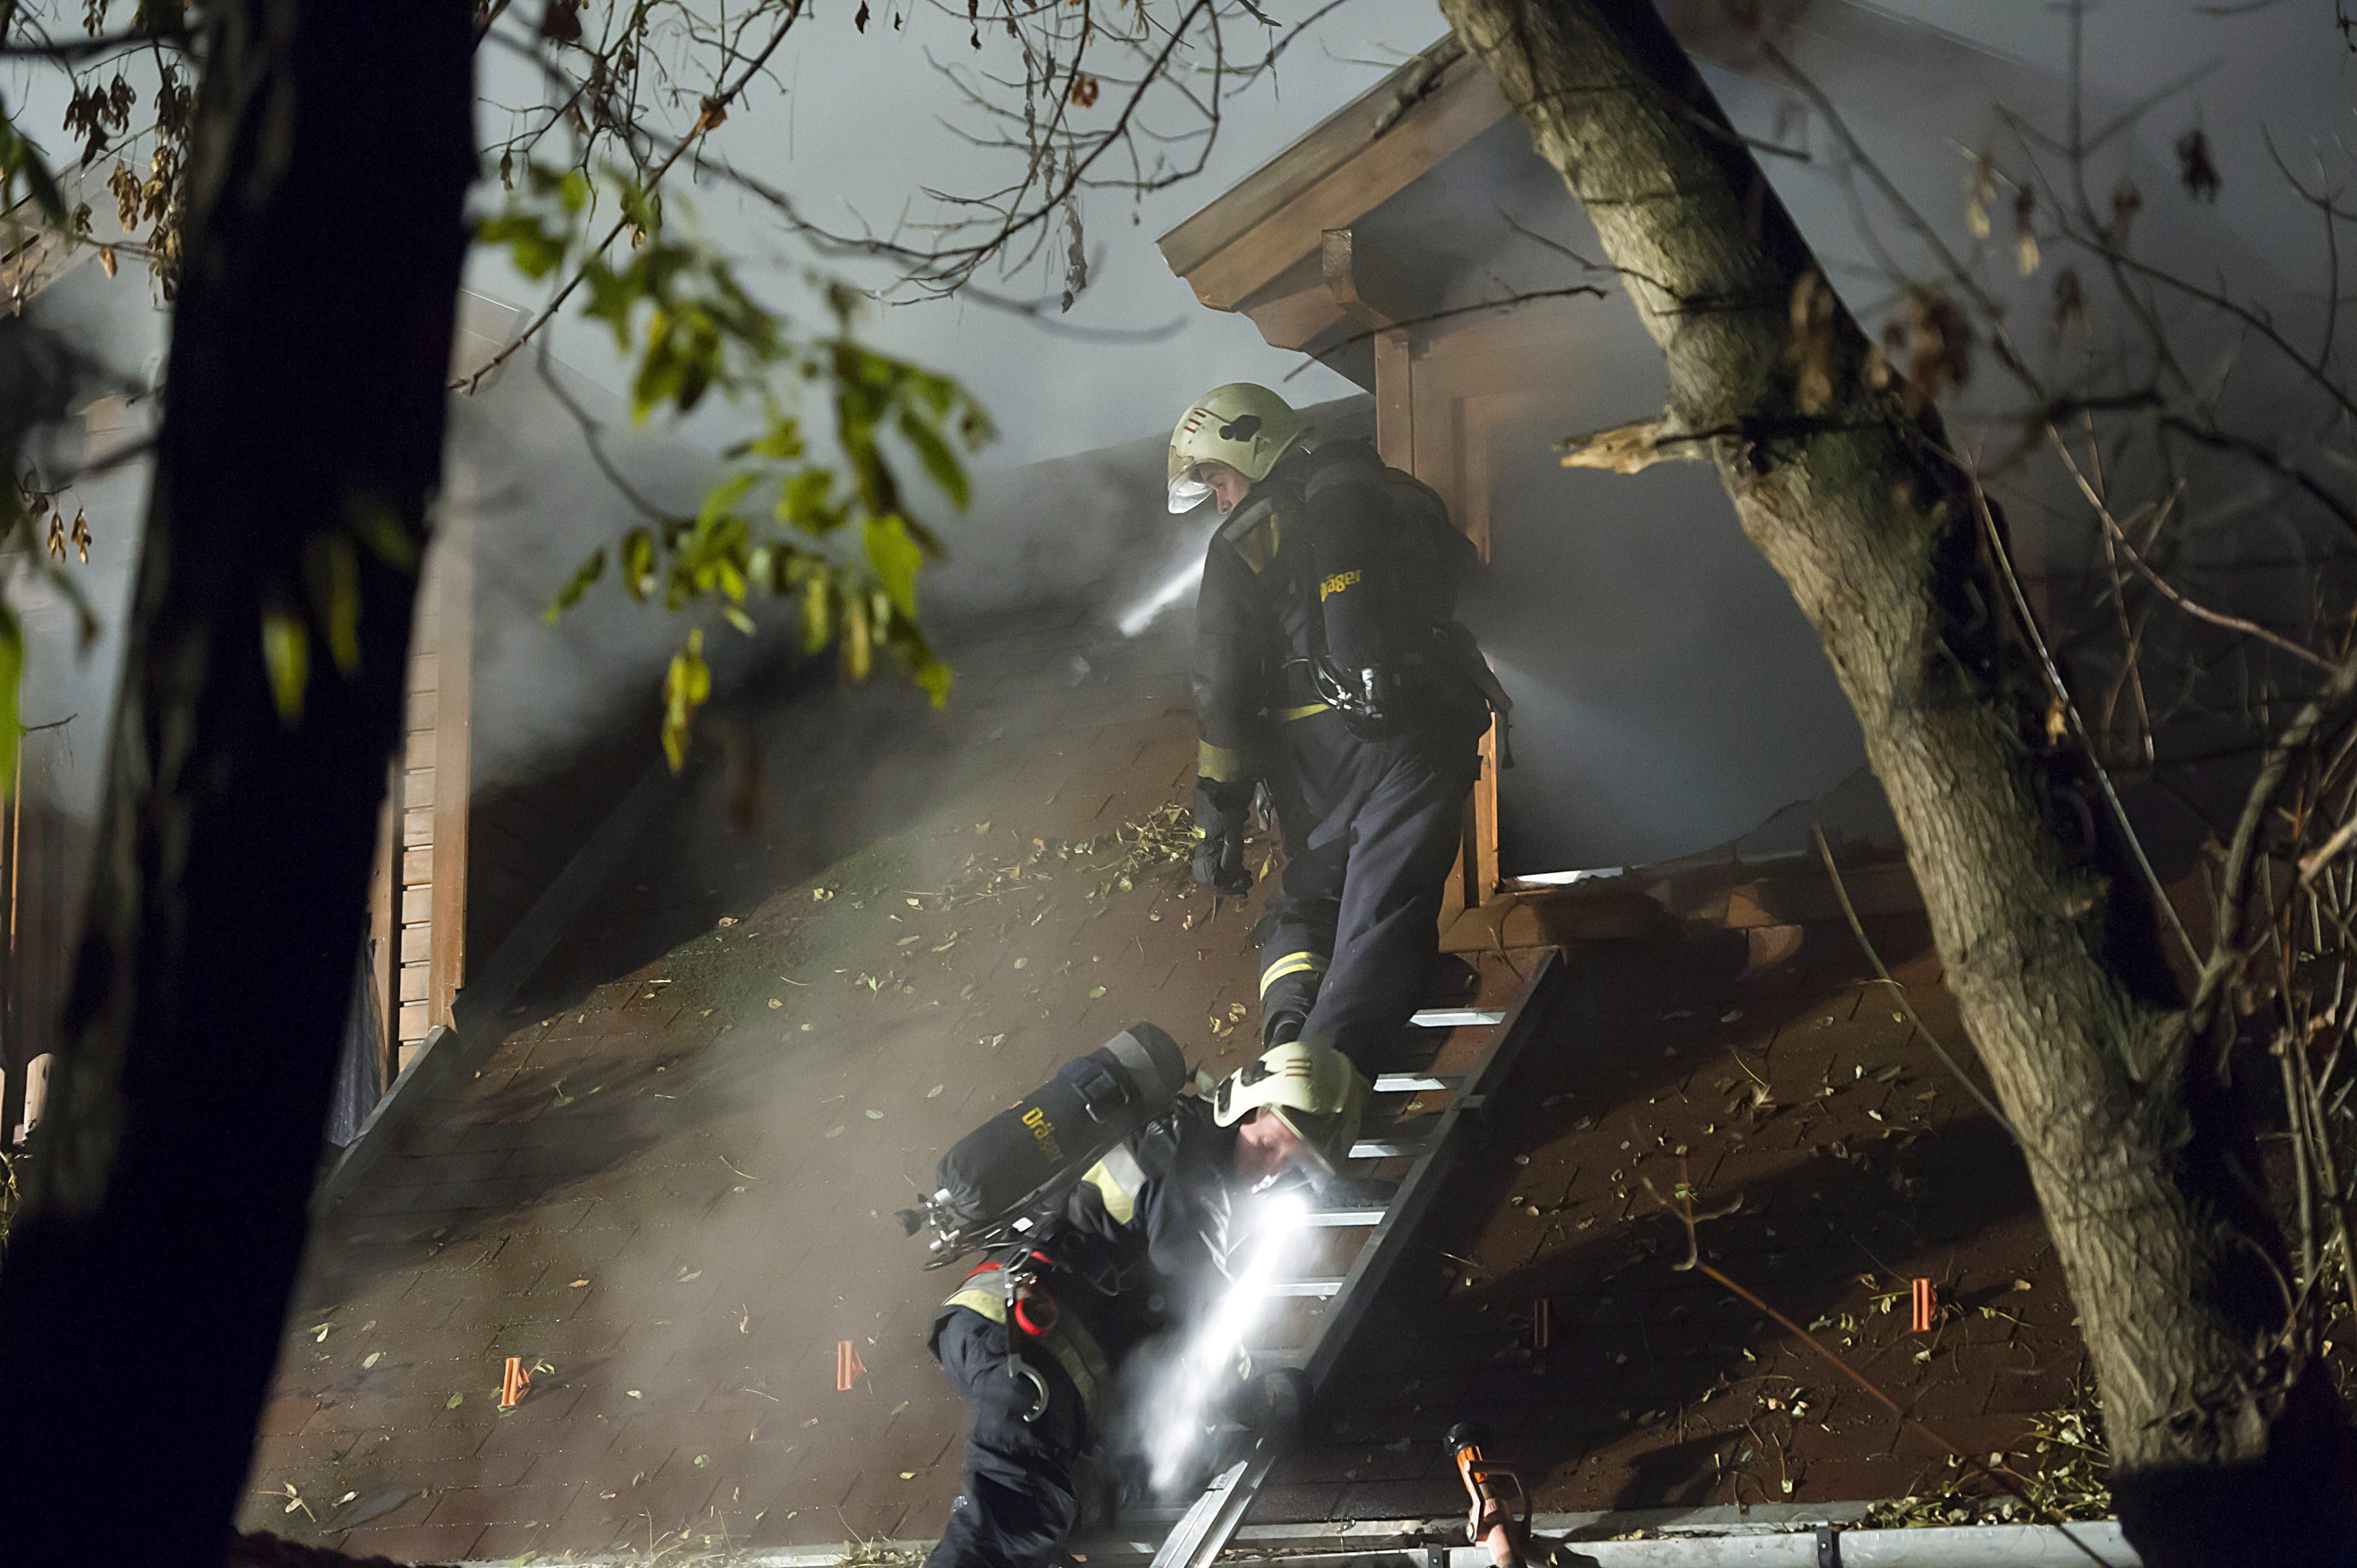 Pócsmegyer, 2015. november 9. Tûzoltók Pócsmegyeren, ahol kigyulladt egy lakóépülettel egybeépített lovarda 2015. november 8-án. A tûzesetben senki nem sérült meg. MTI Fotó: Lakatos Péter